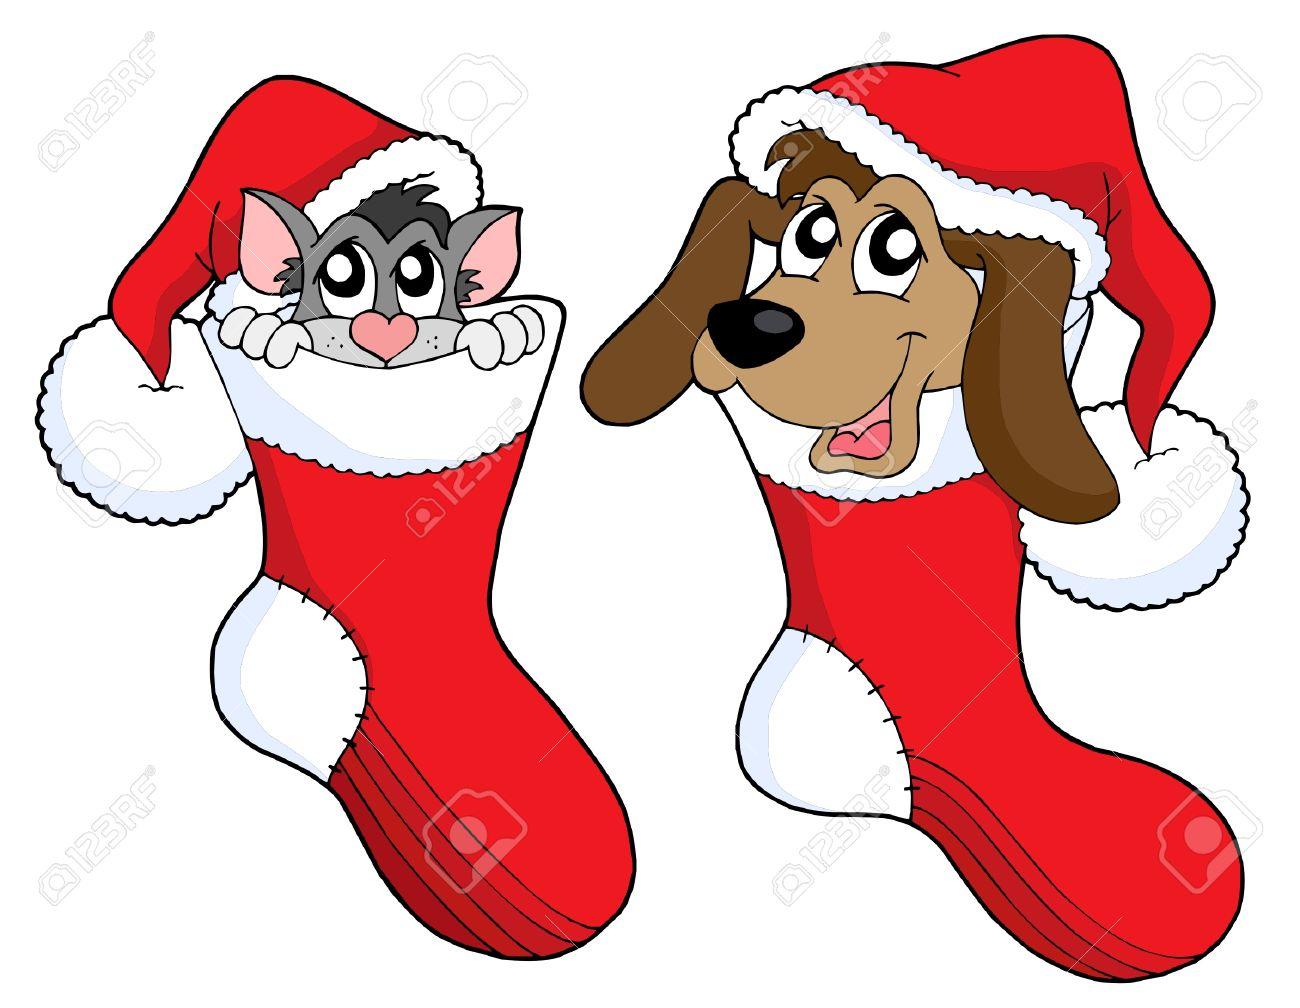 Hübsch Katze Und Hund In Weihnachten Socken - Vektor-Illustration ...